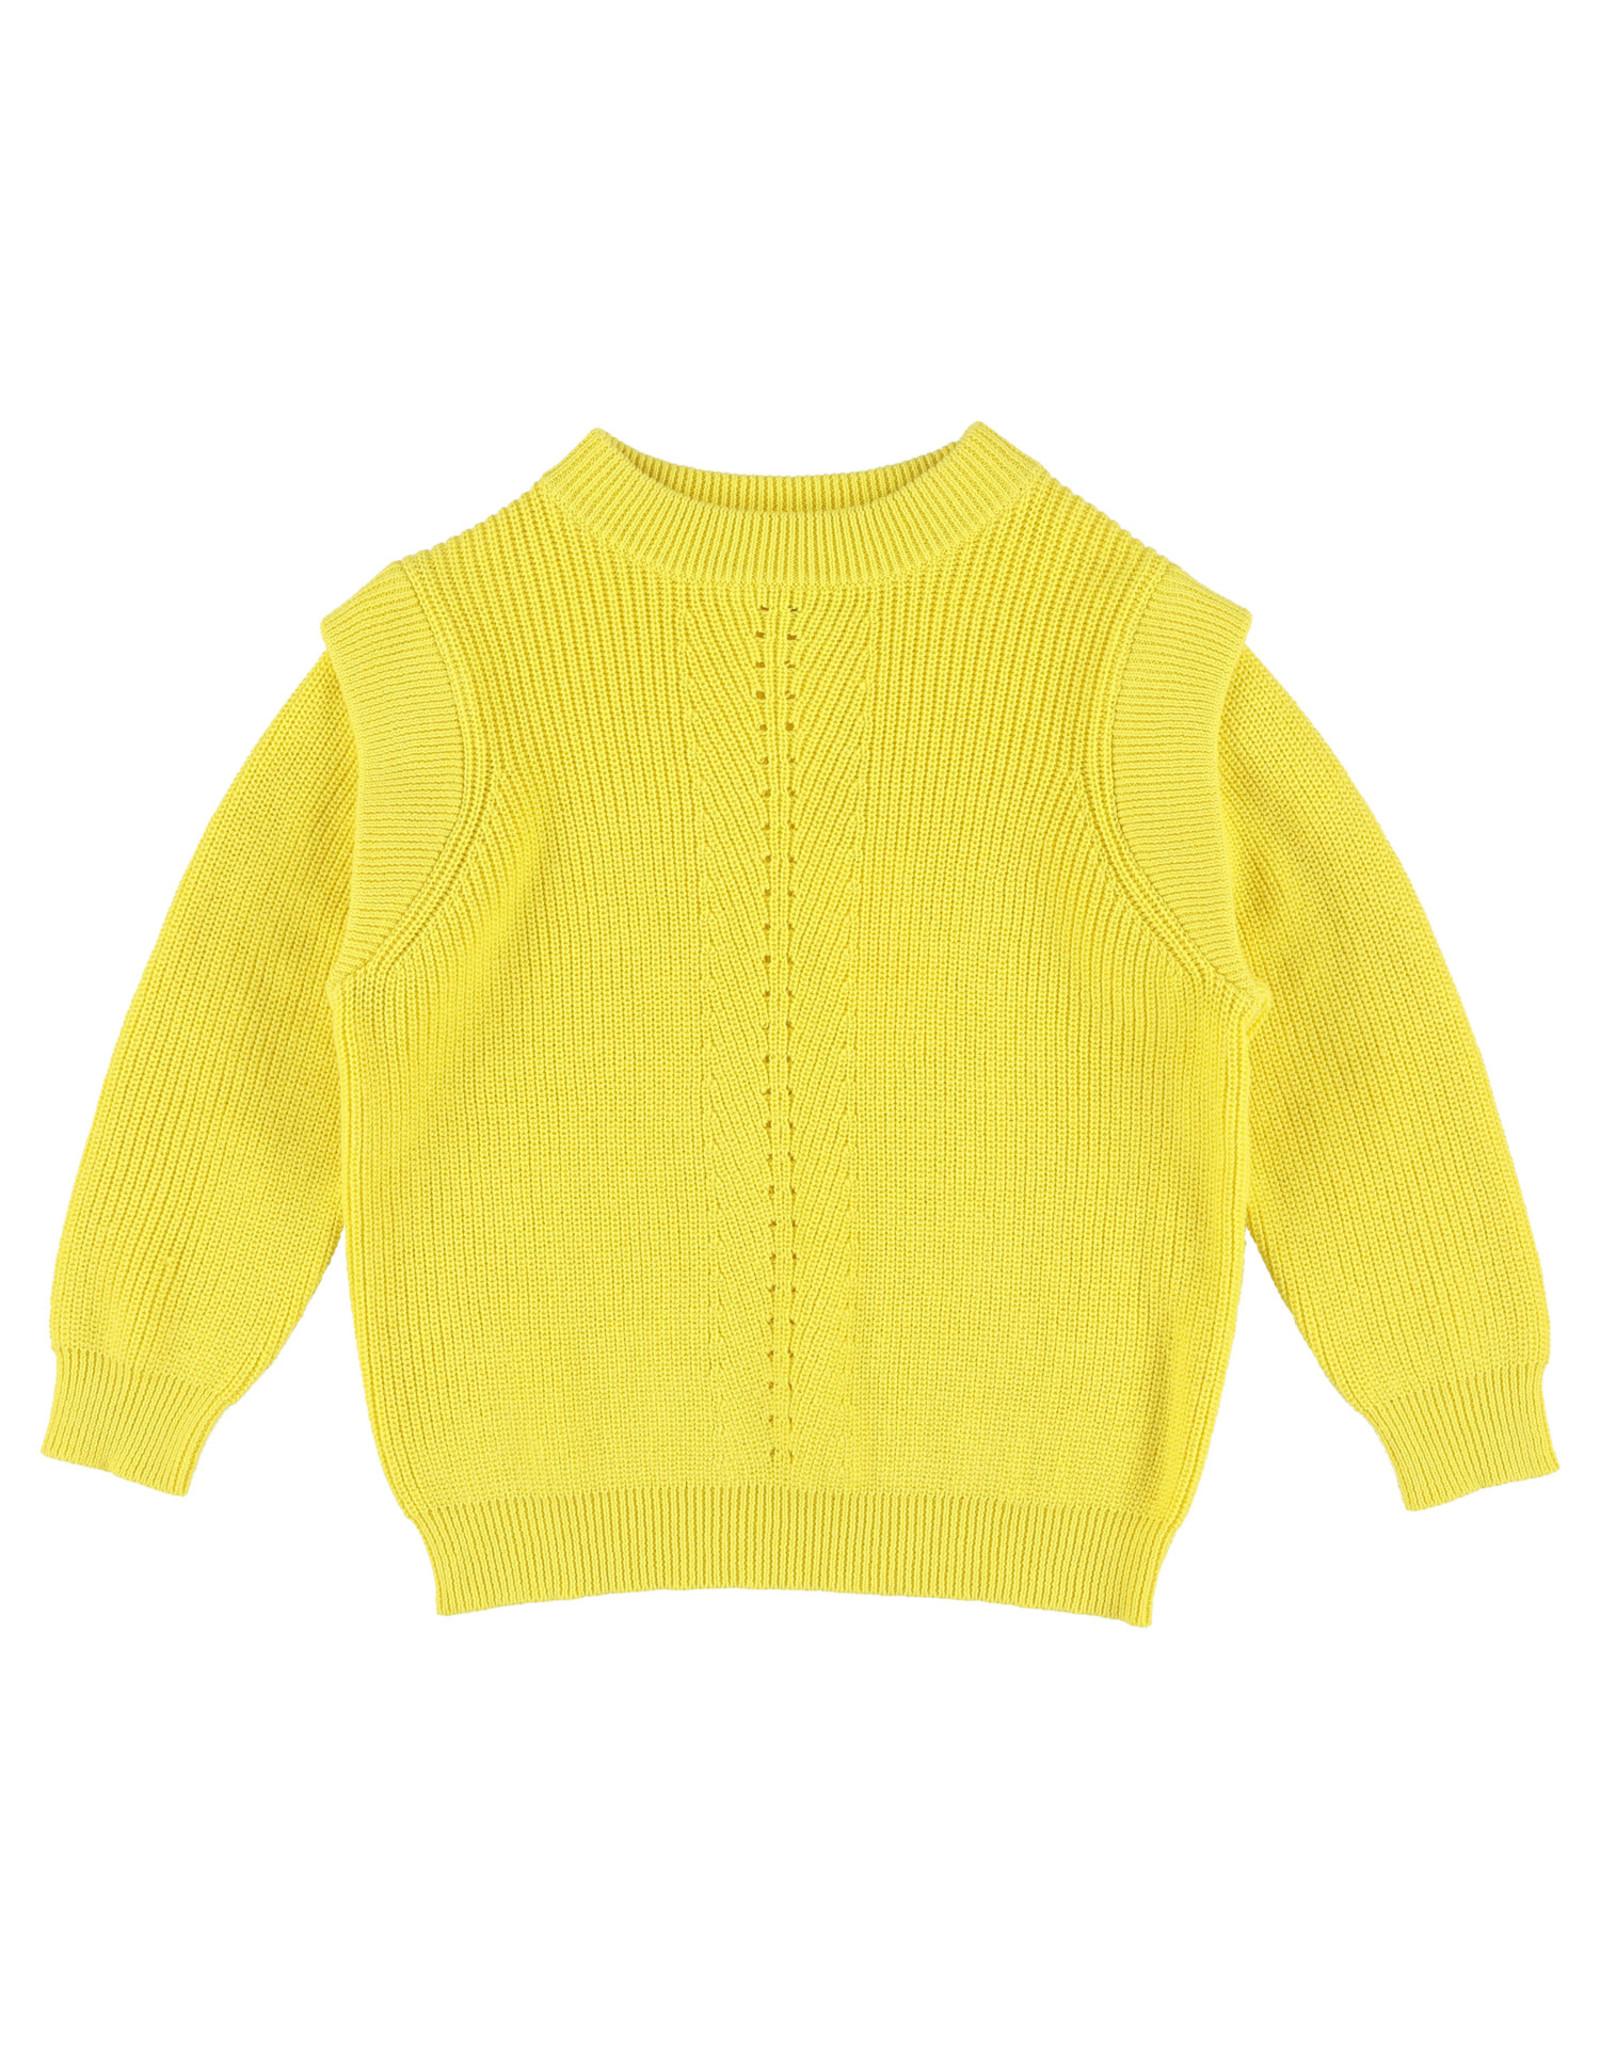 Simple Kids SS21 Buffalo knit sweater yellow